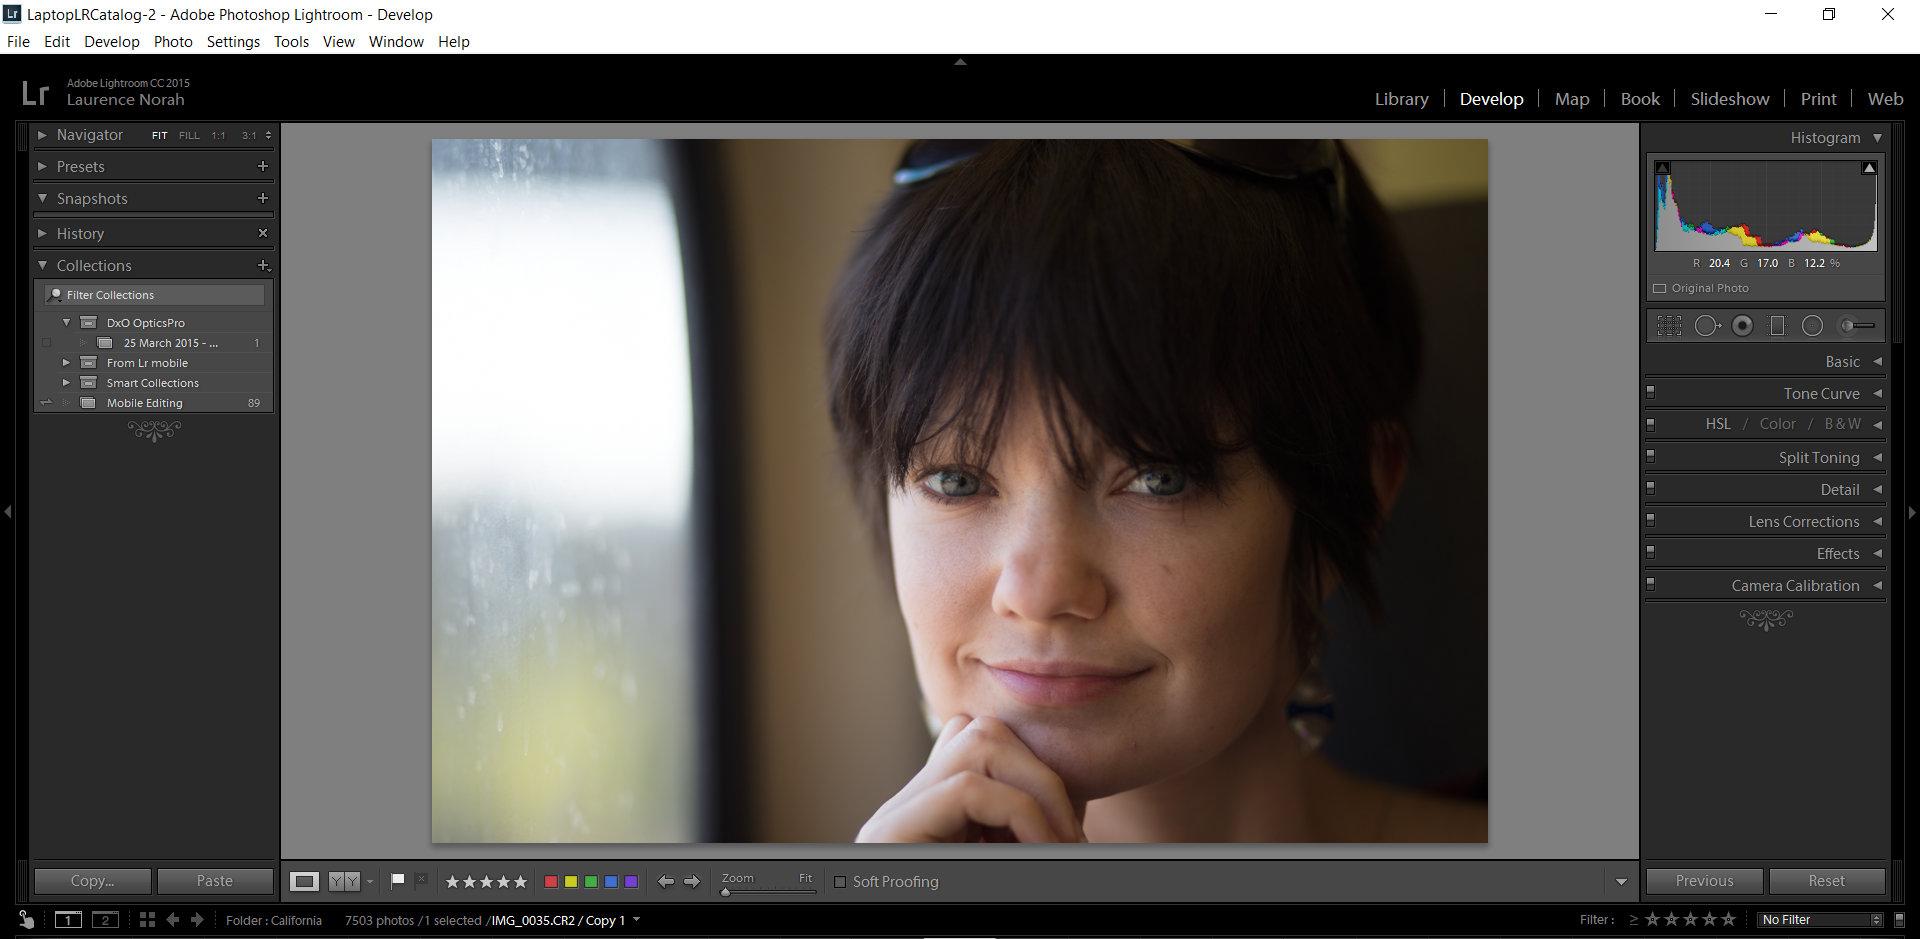 Fix lightroom skin blemish image uploaded in develop module